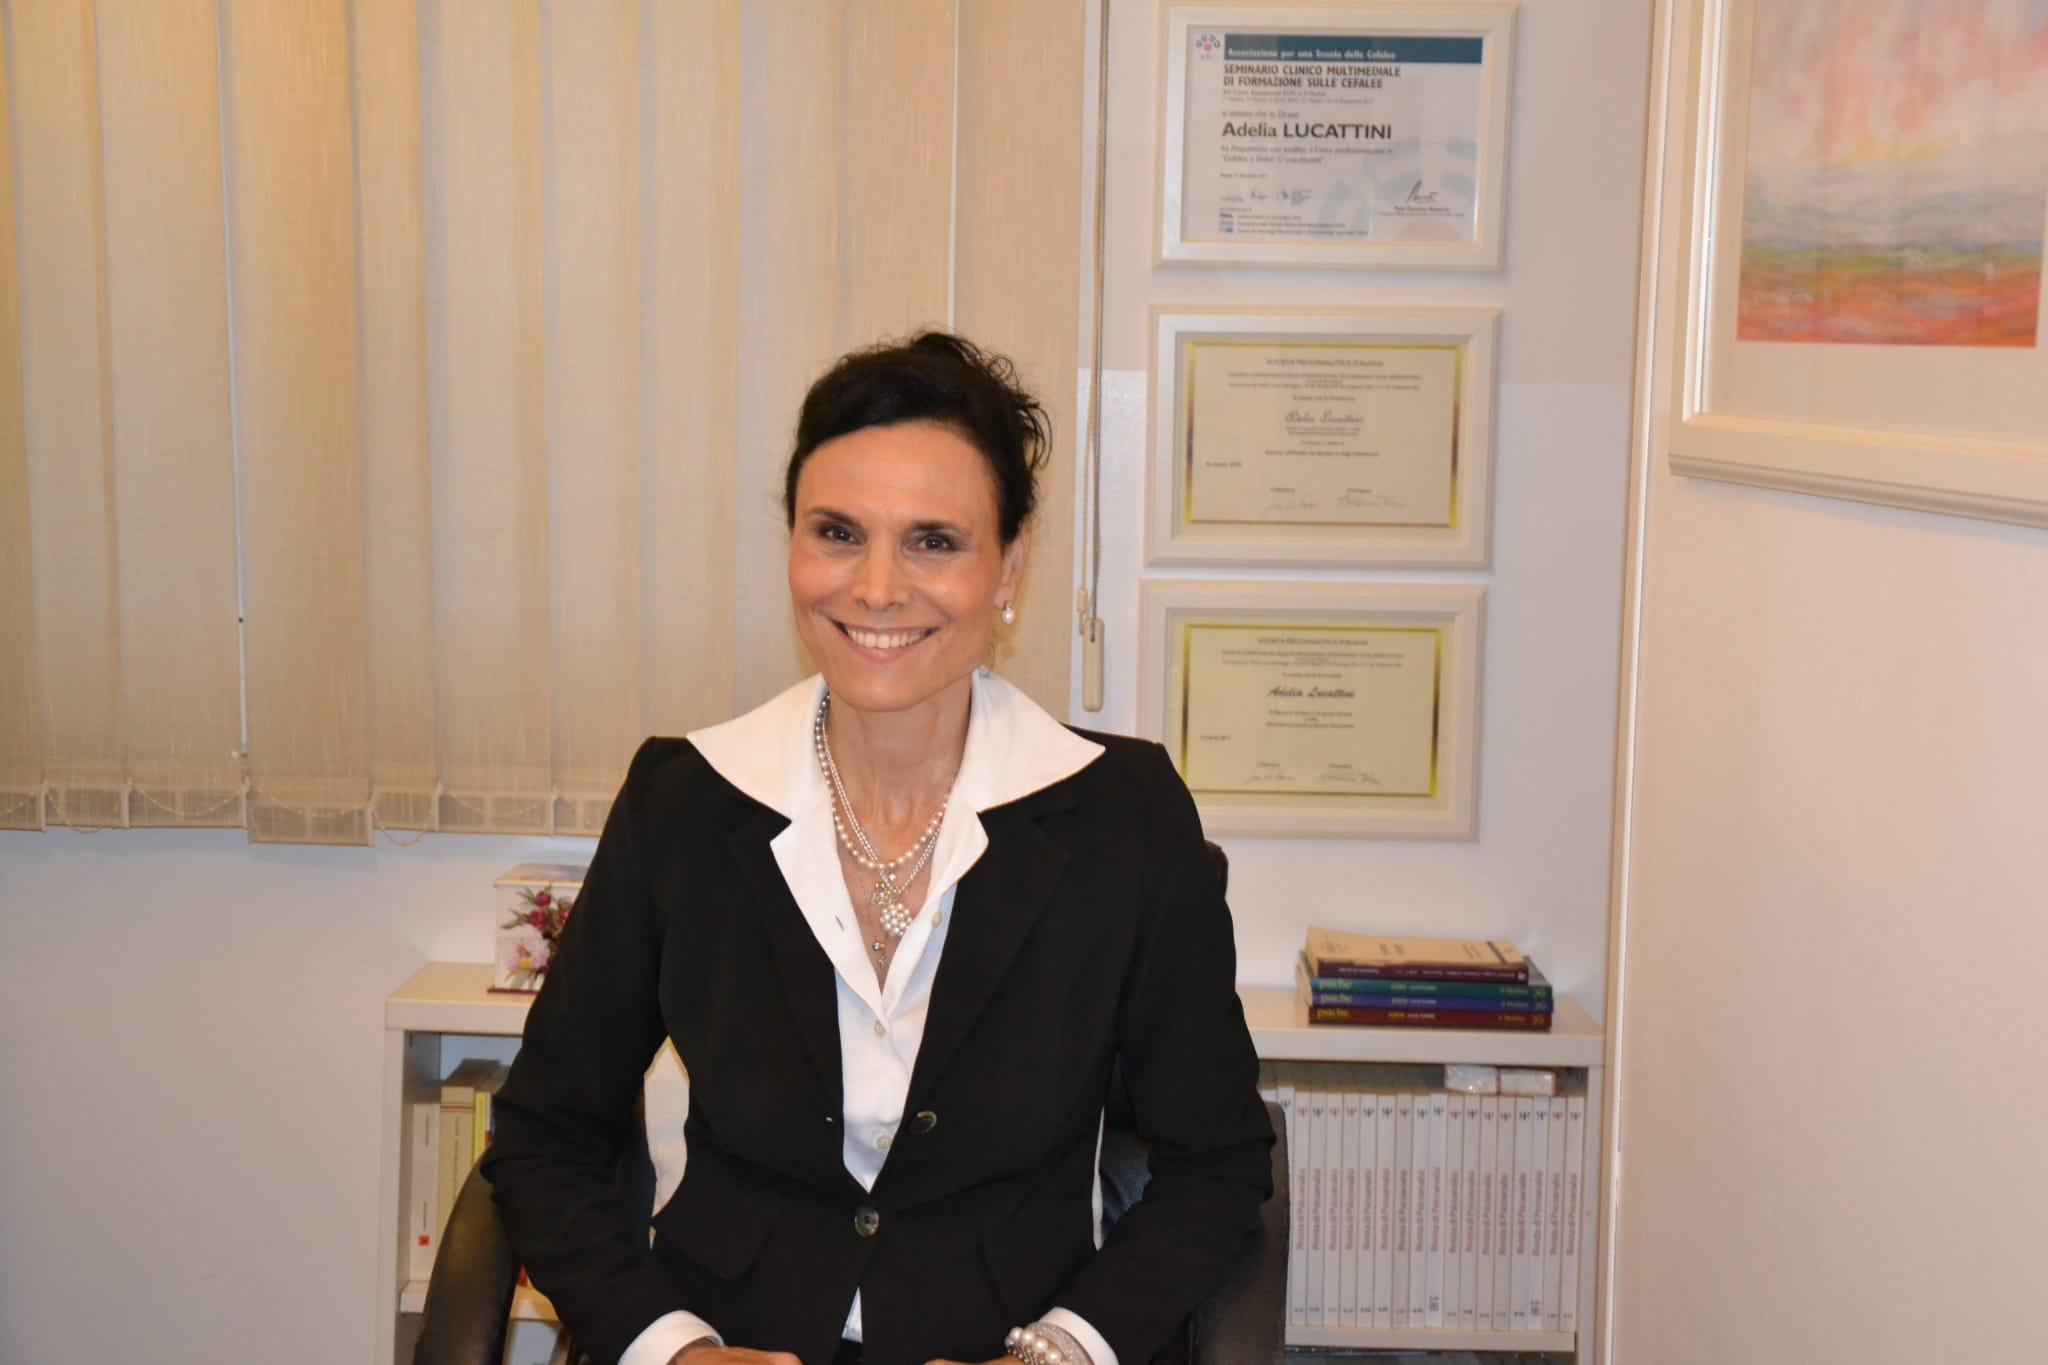 La depressione da Covid-19. Psicoanalisi, farmacologia: insieme per la cura. Intervista ad Adelia Lucattini                                                                                                                                                                                                                                                                                                                                         Di Marialuisa Roscino